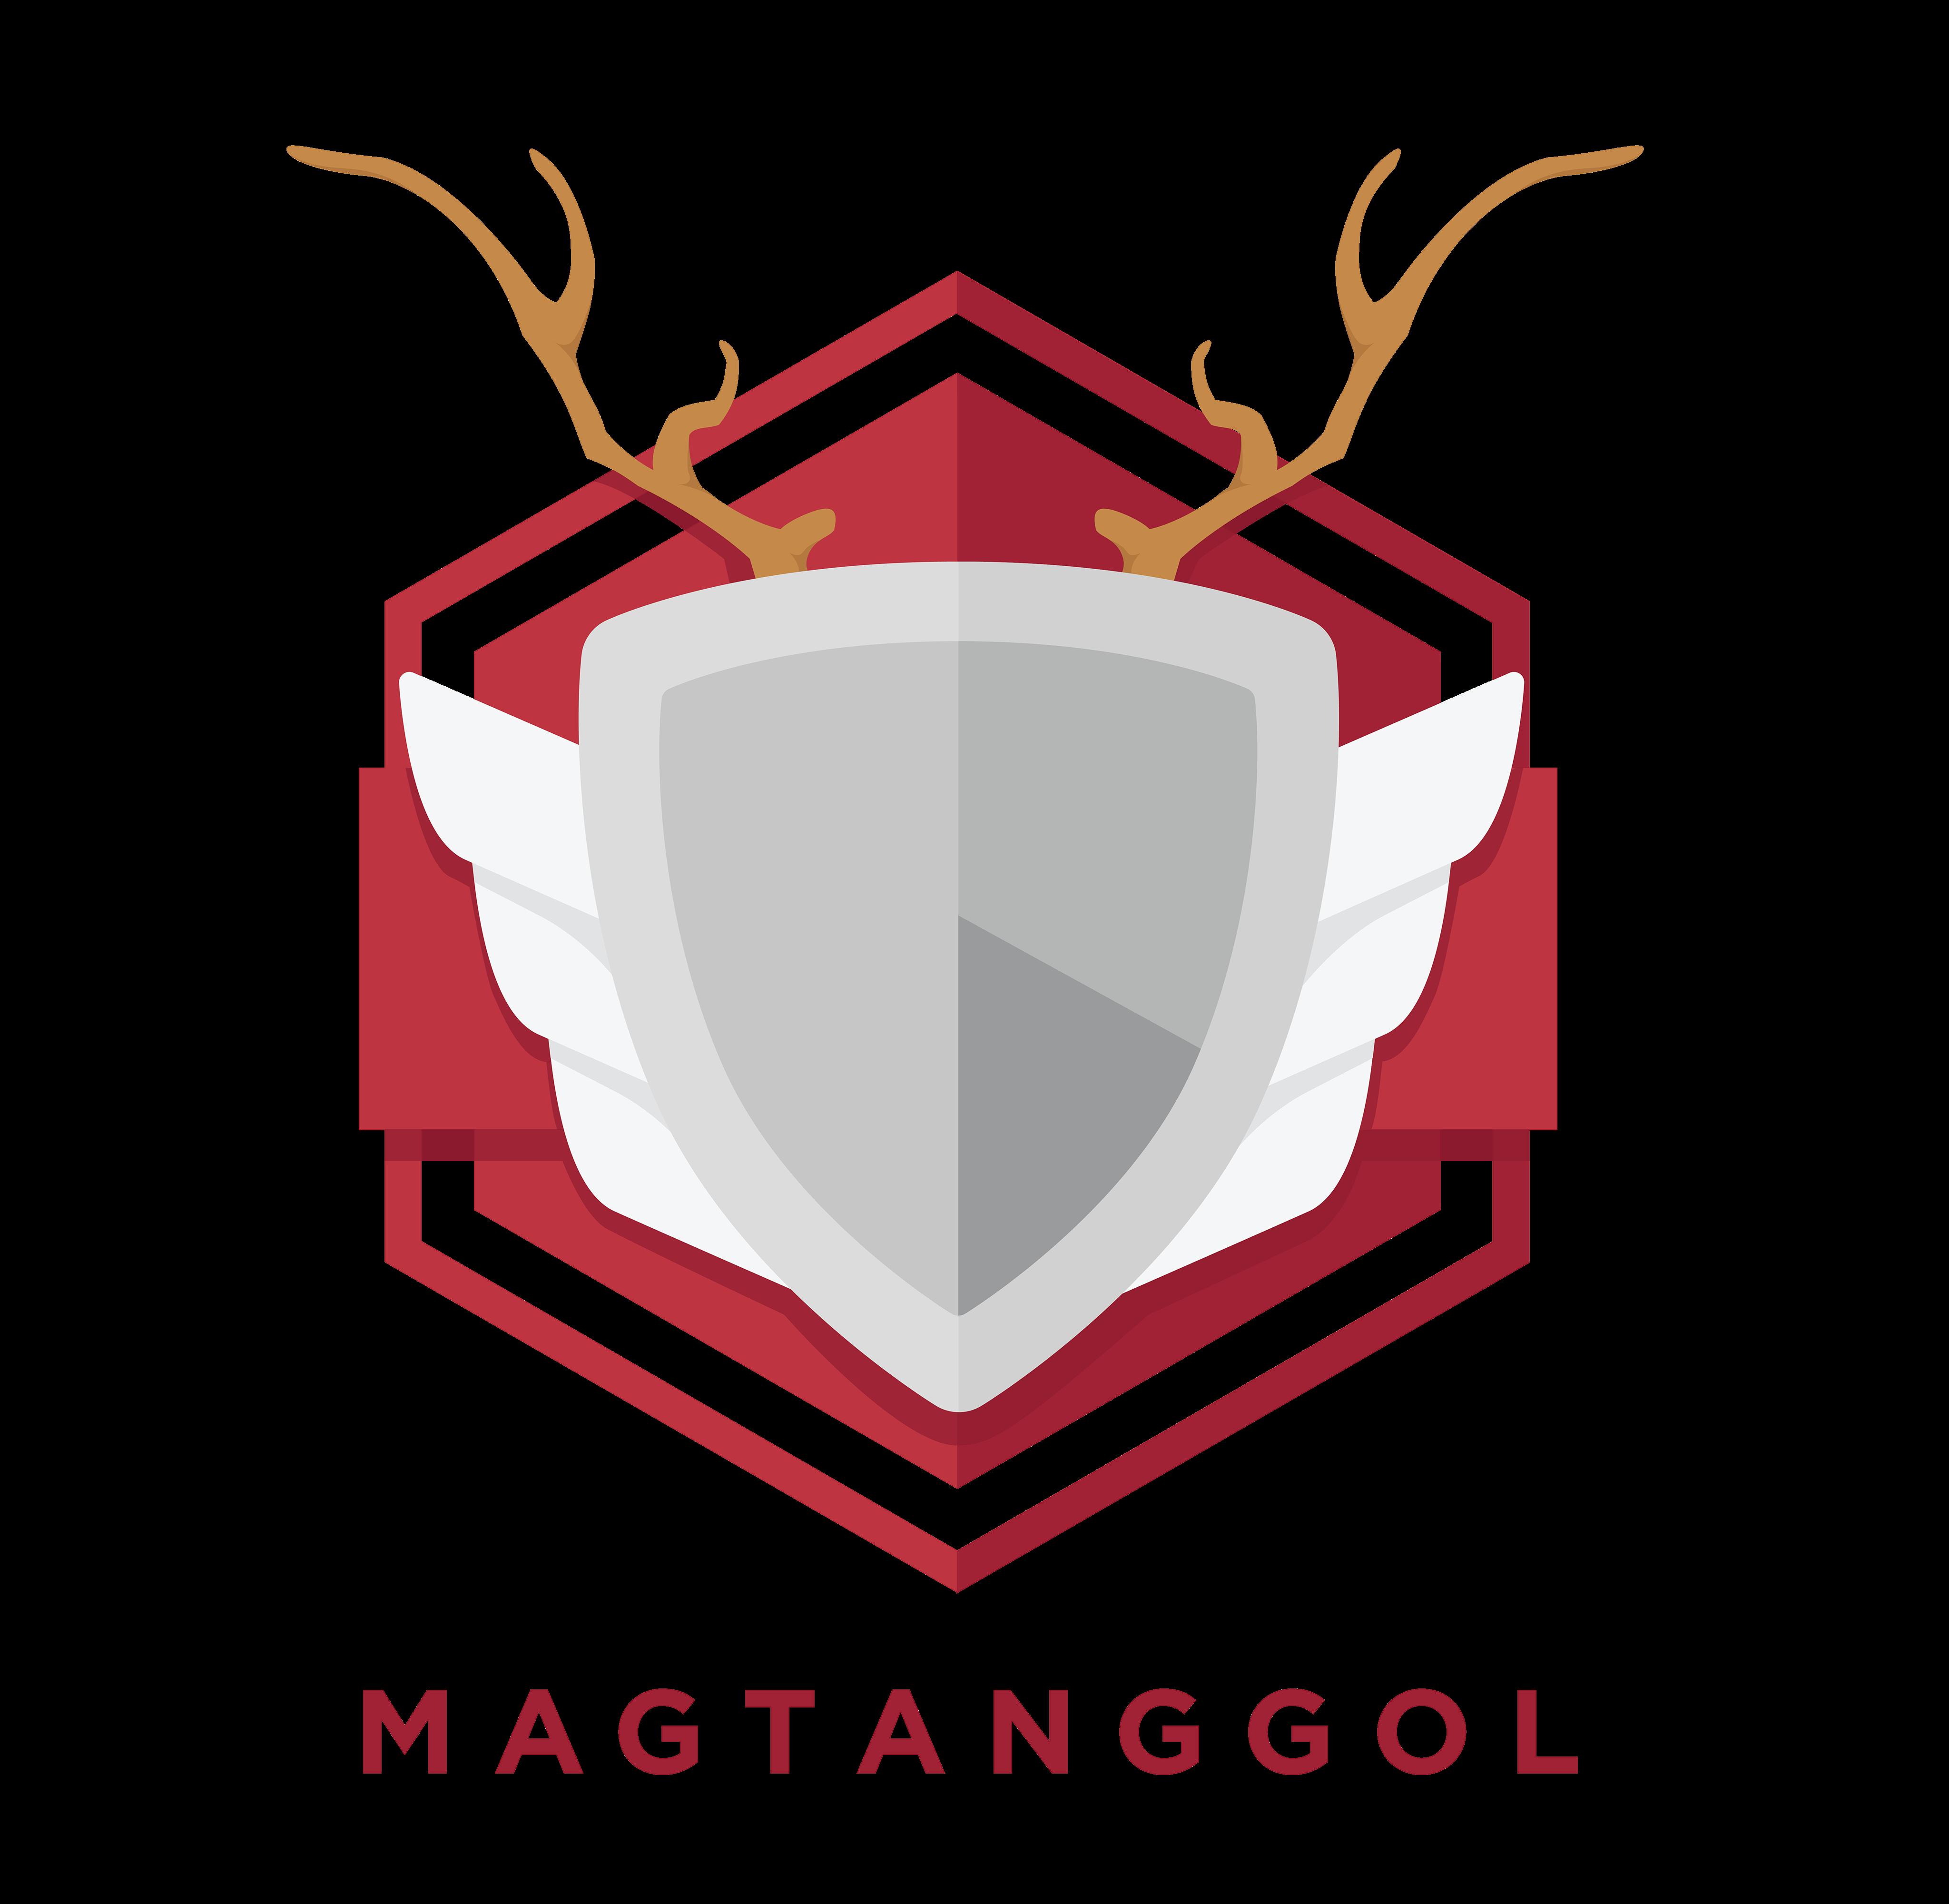 Rodolfo Angelo Magtanggol De Guzman